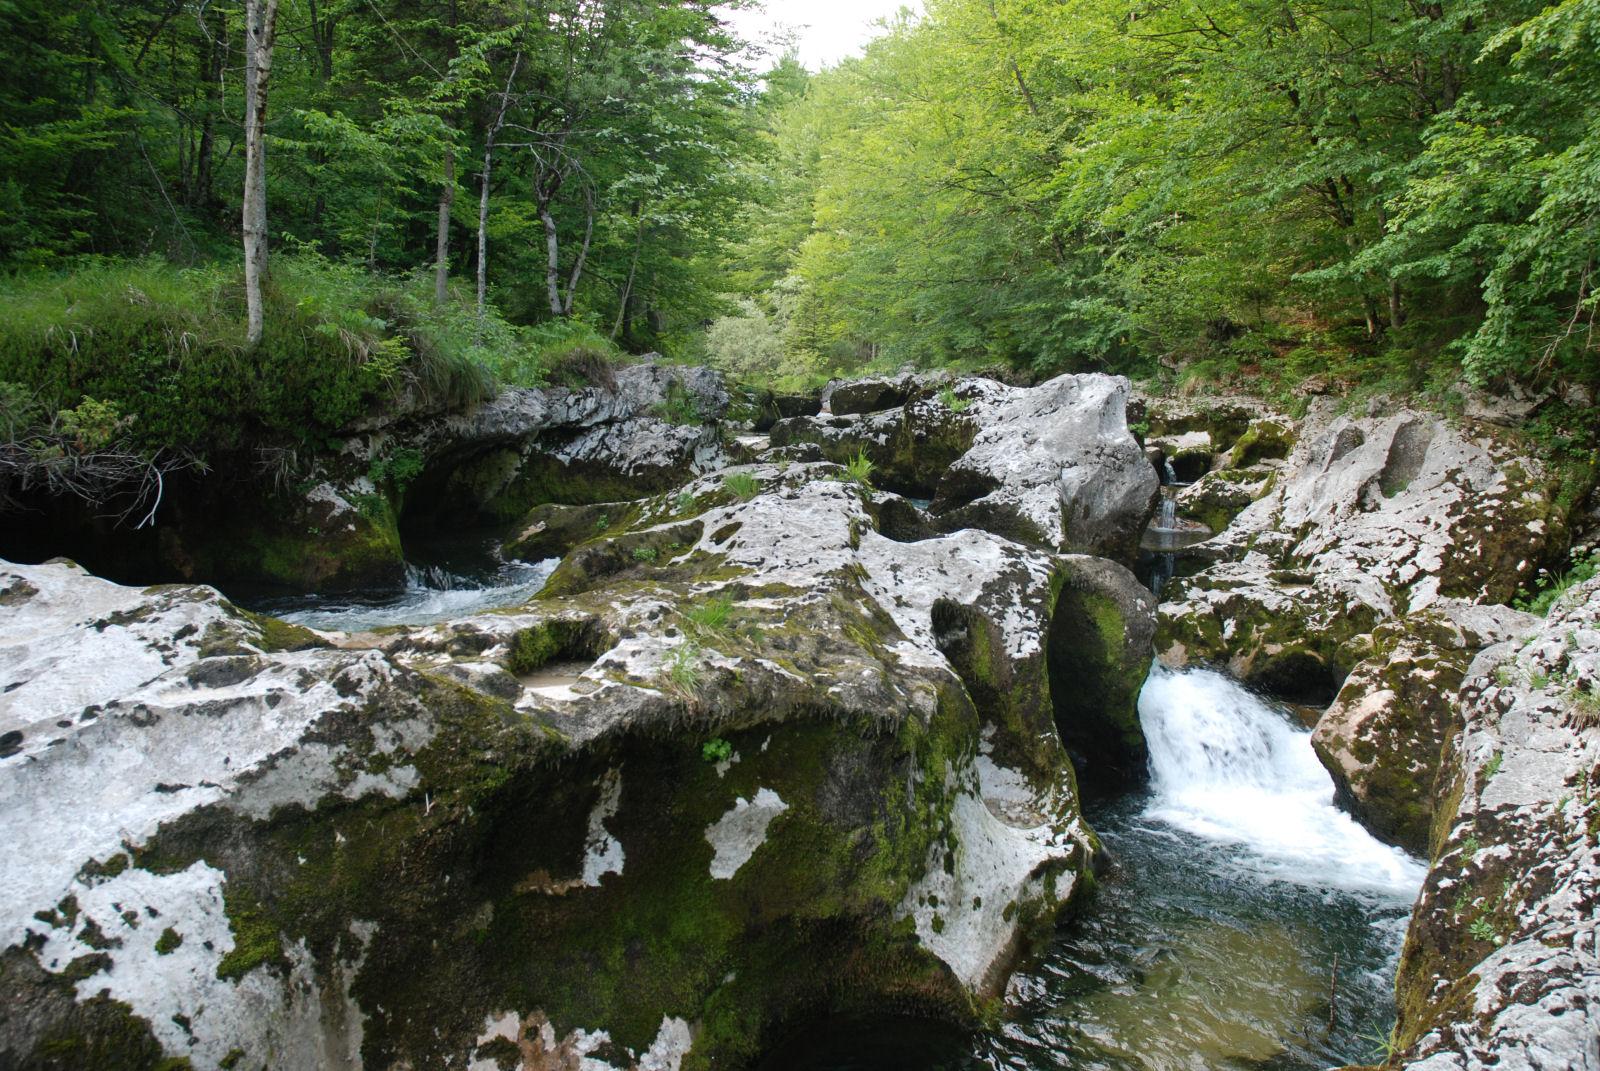 Mostnica stream, Slovenia